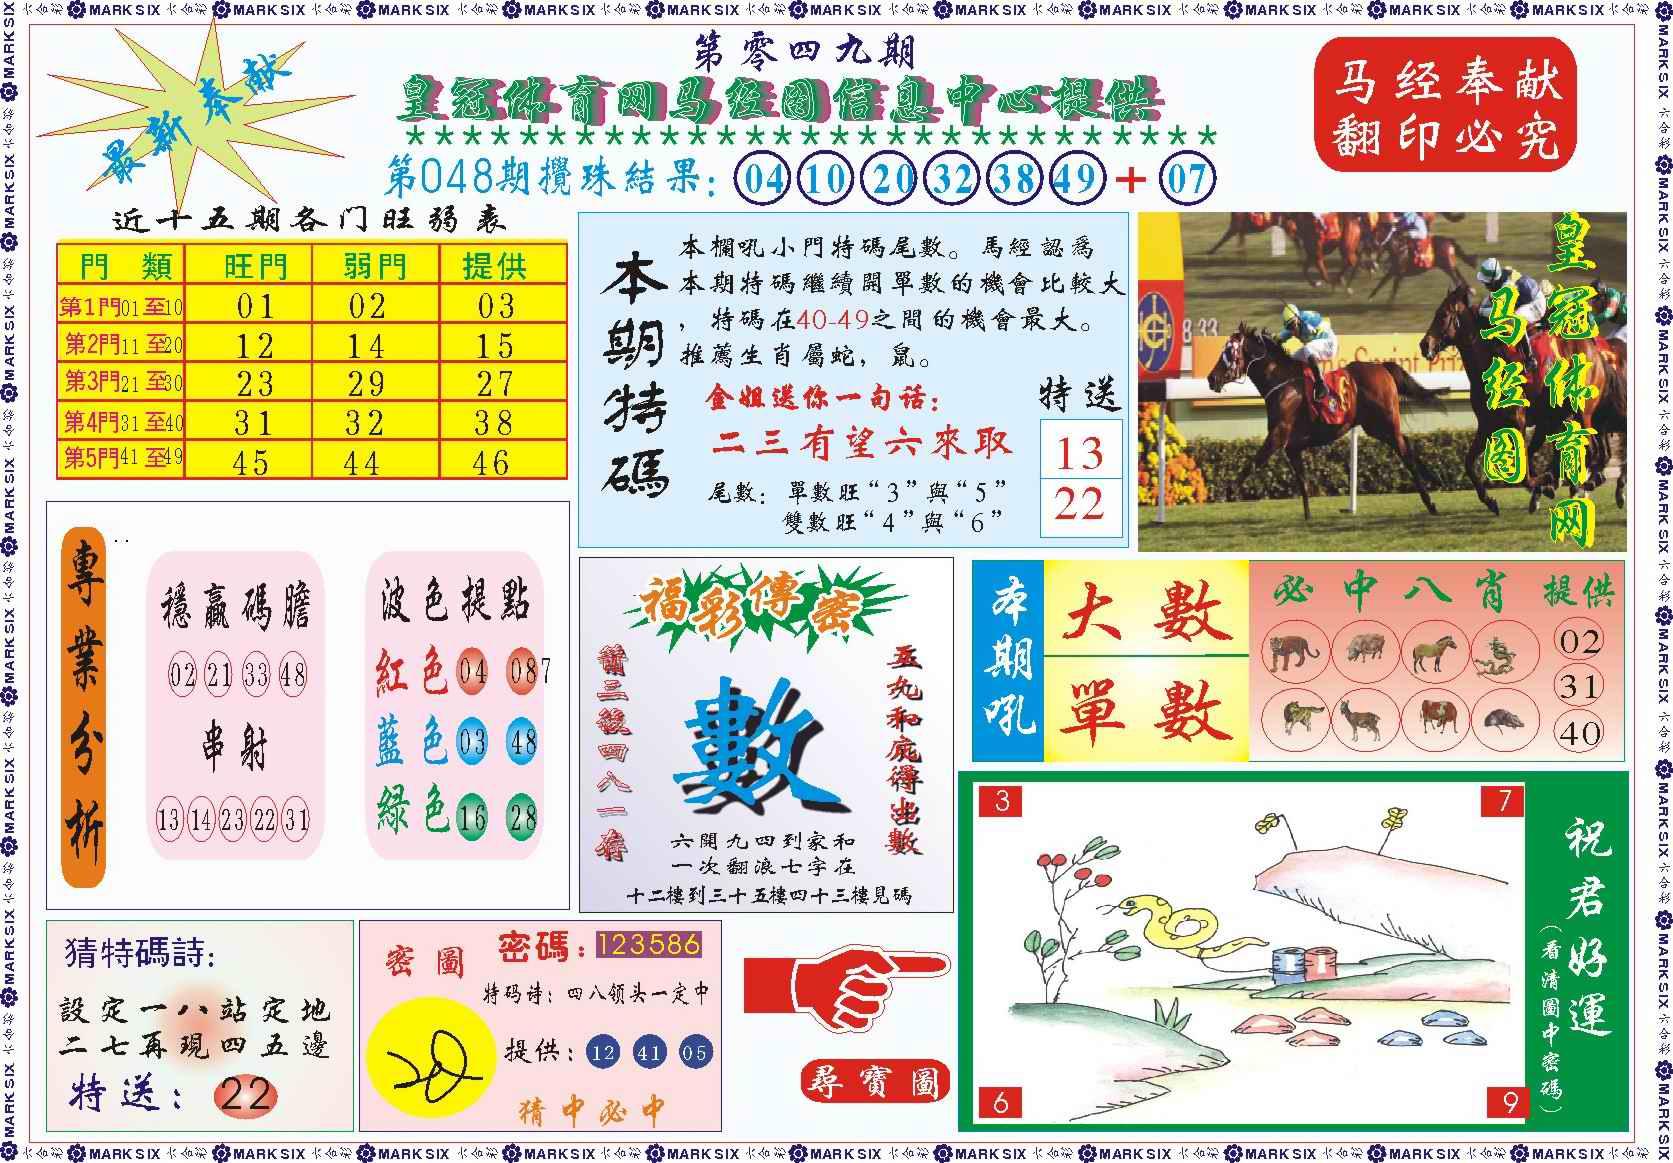 049期皇冠体育网马经图记录